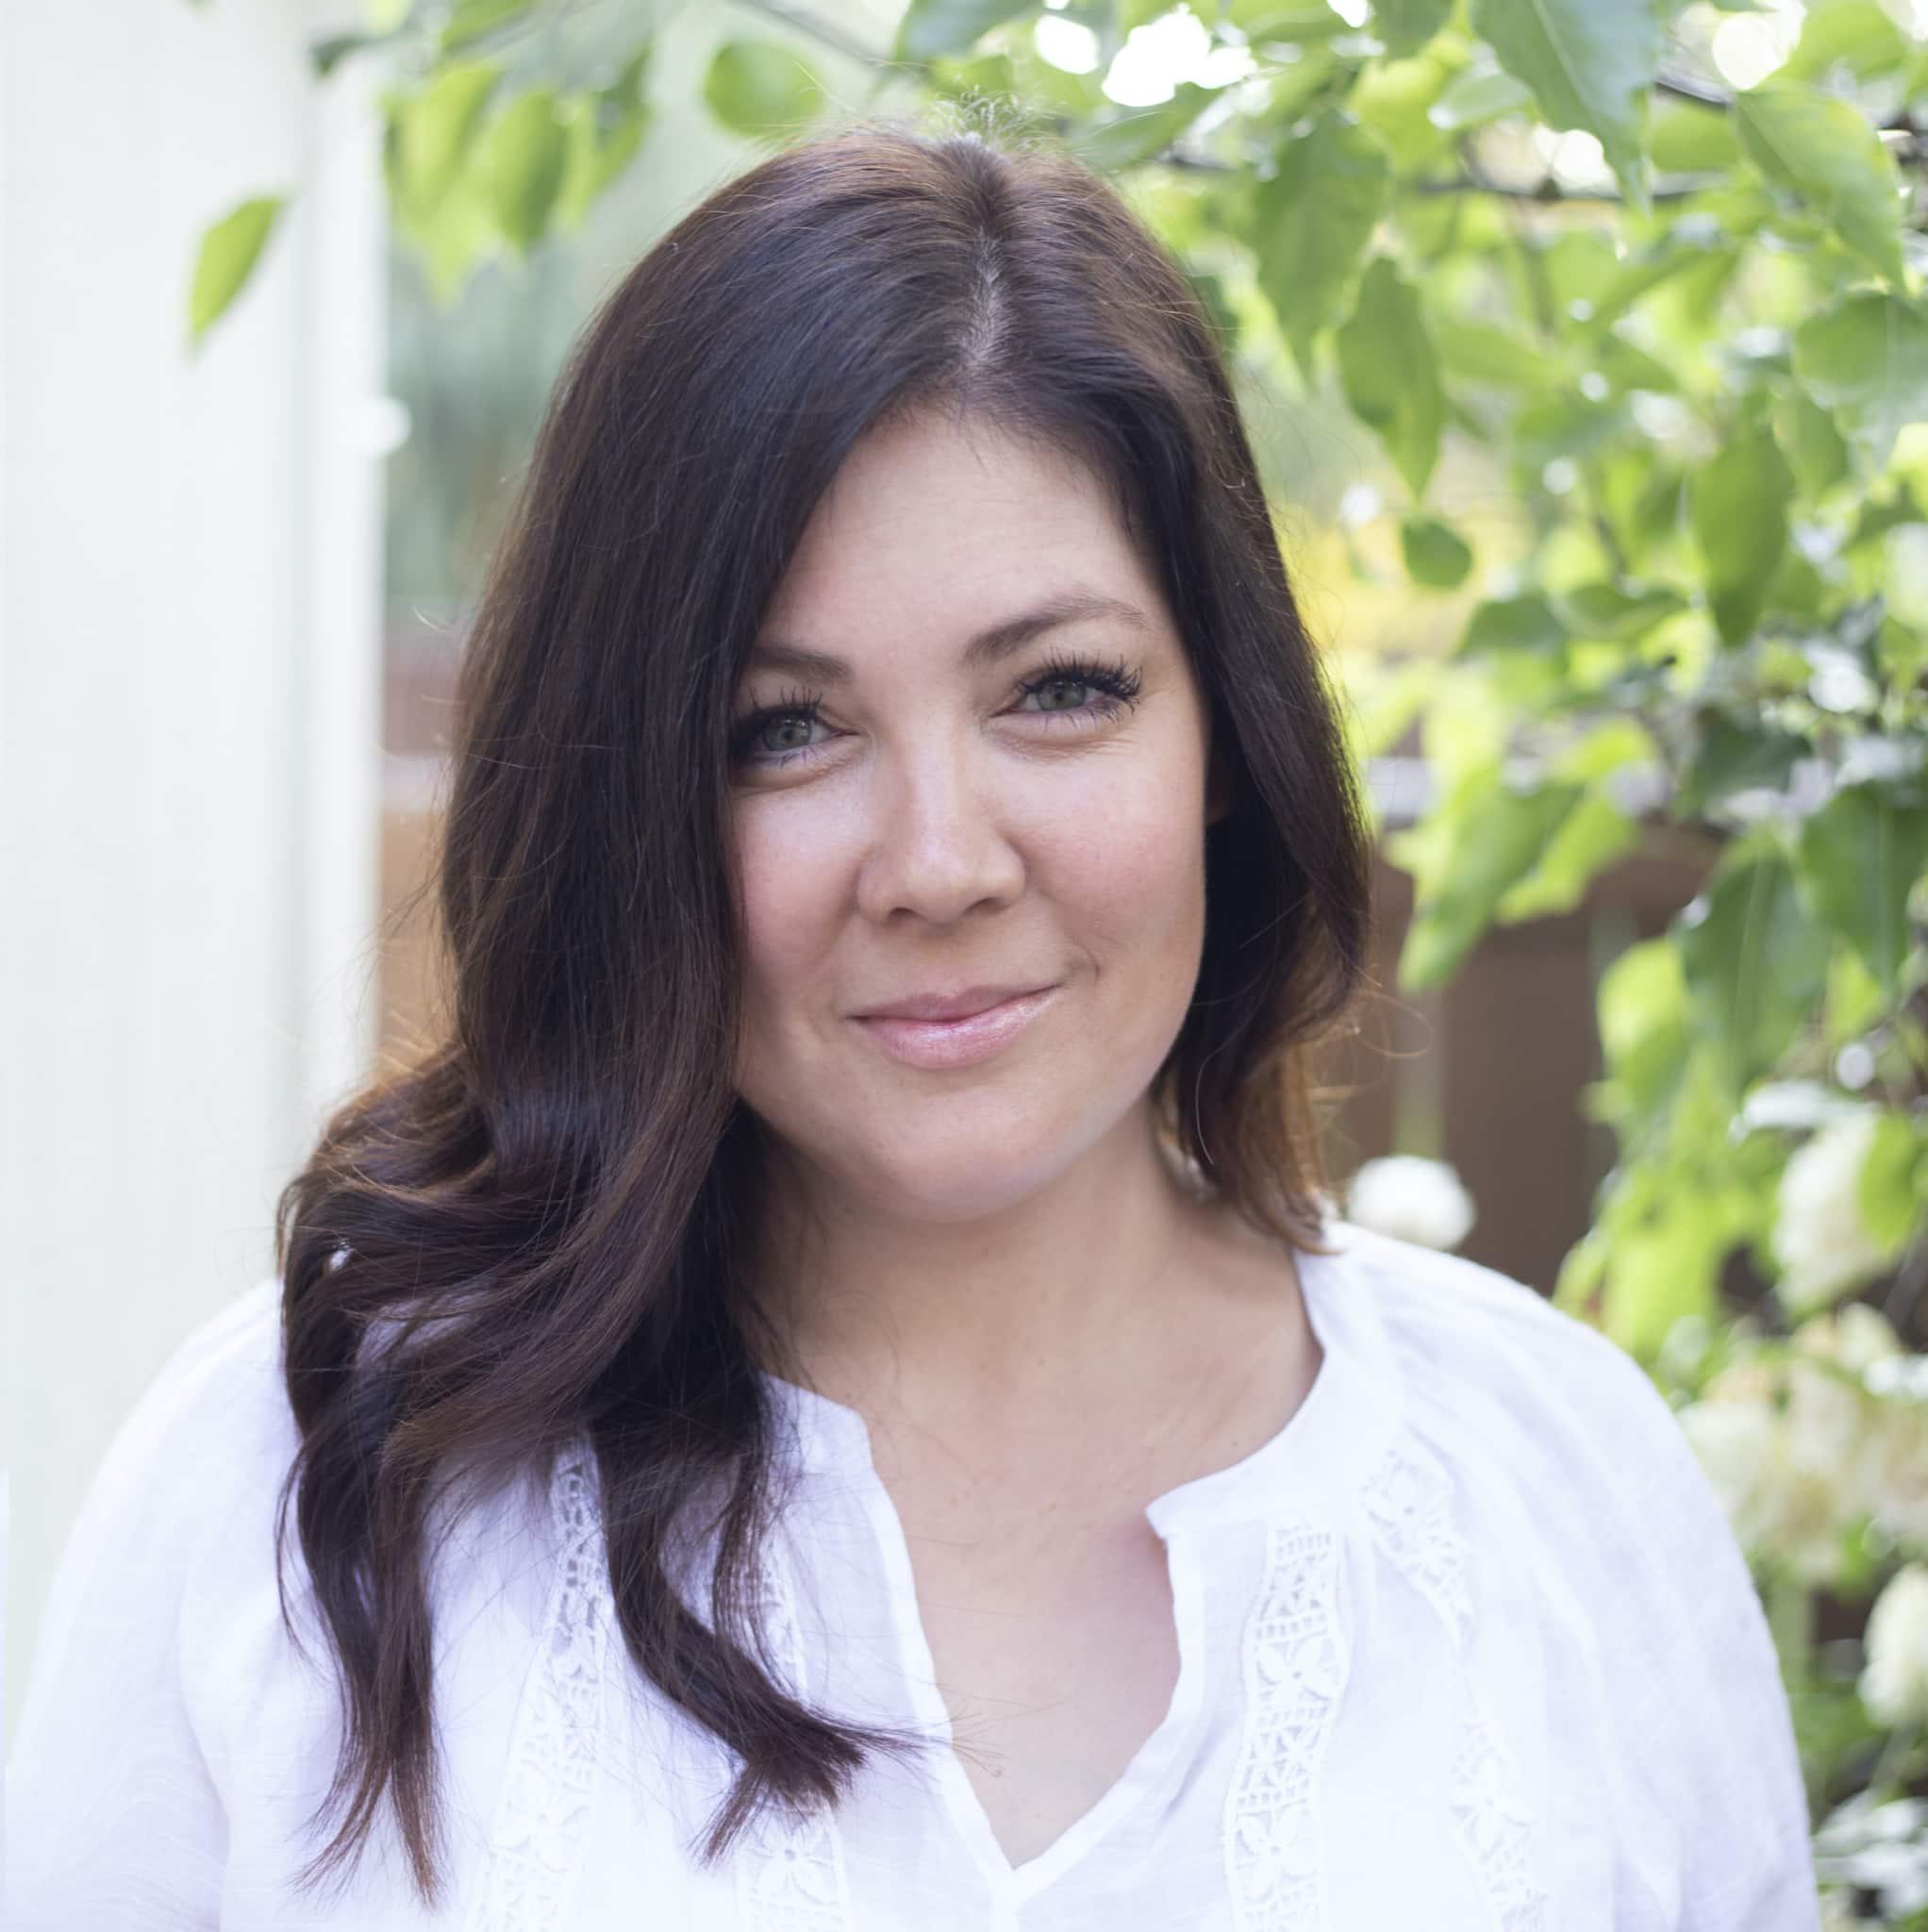 Kristen Whitby